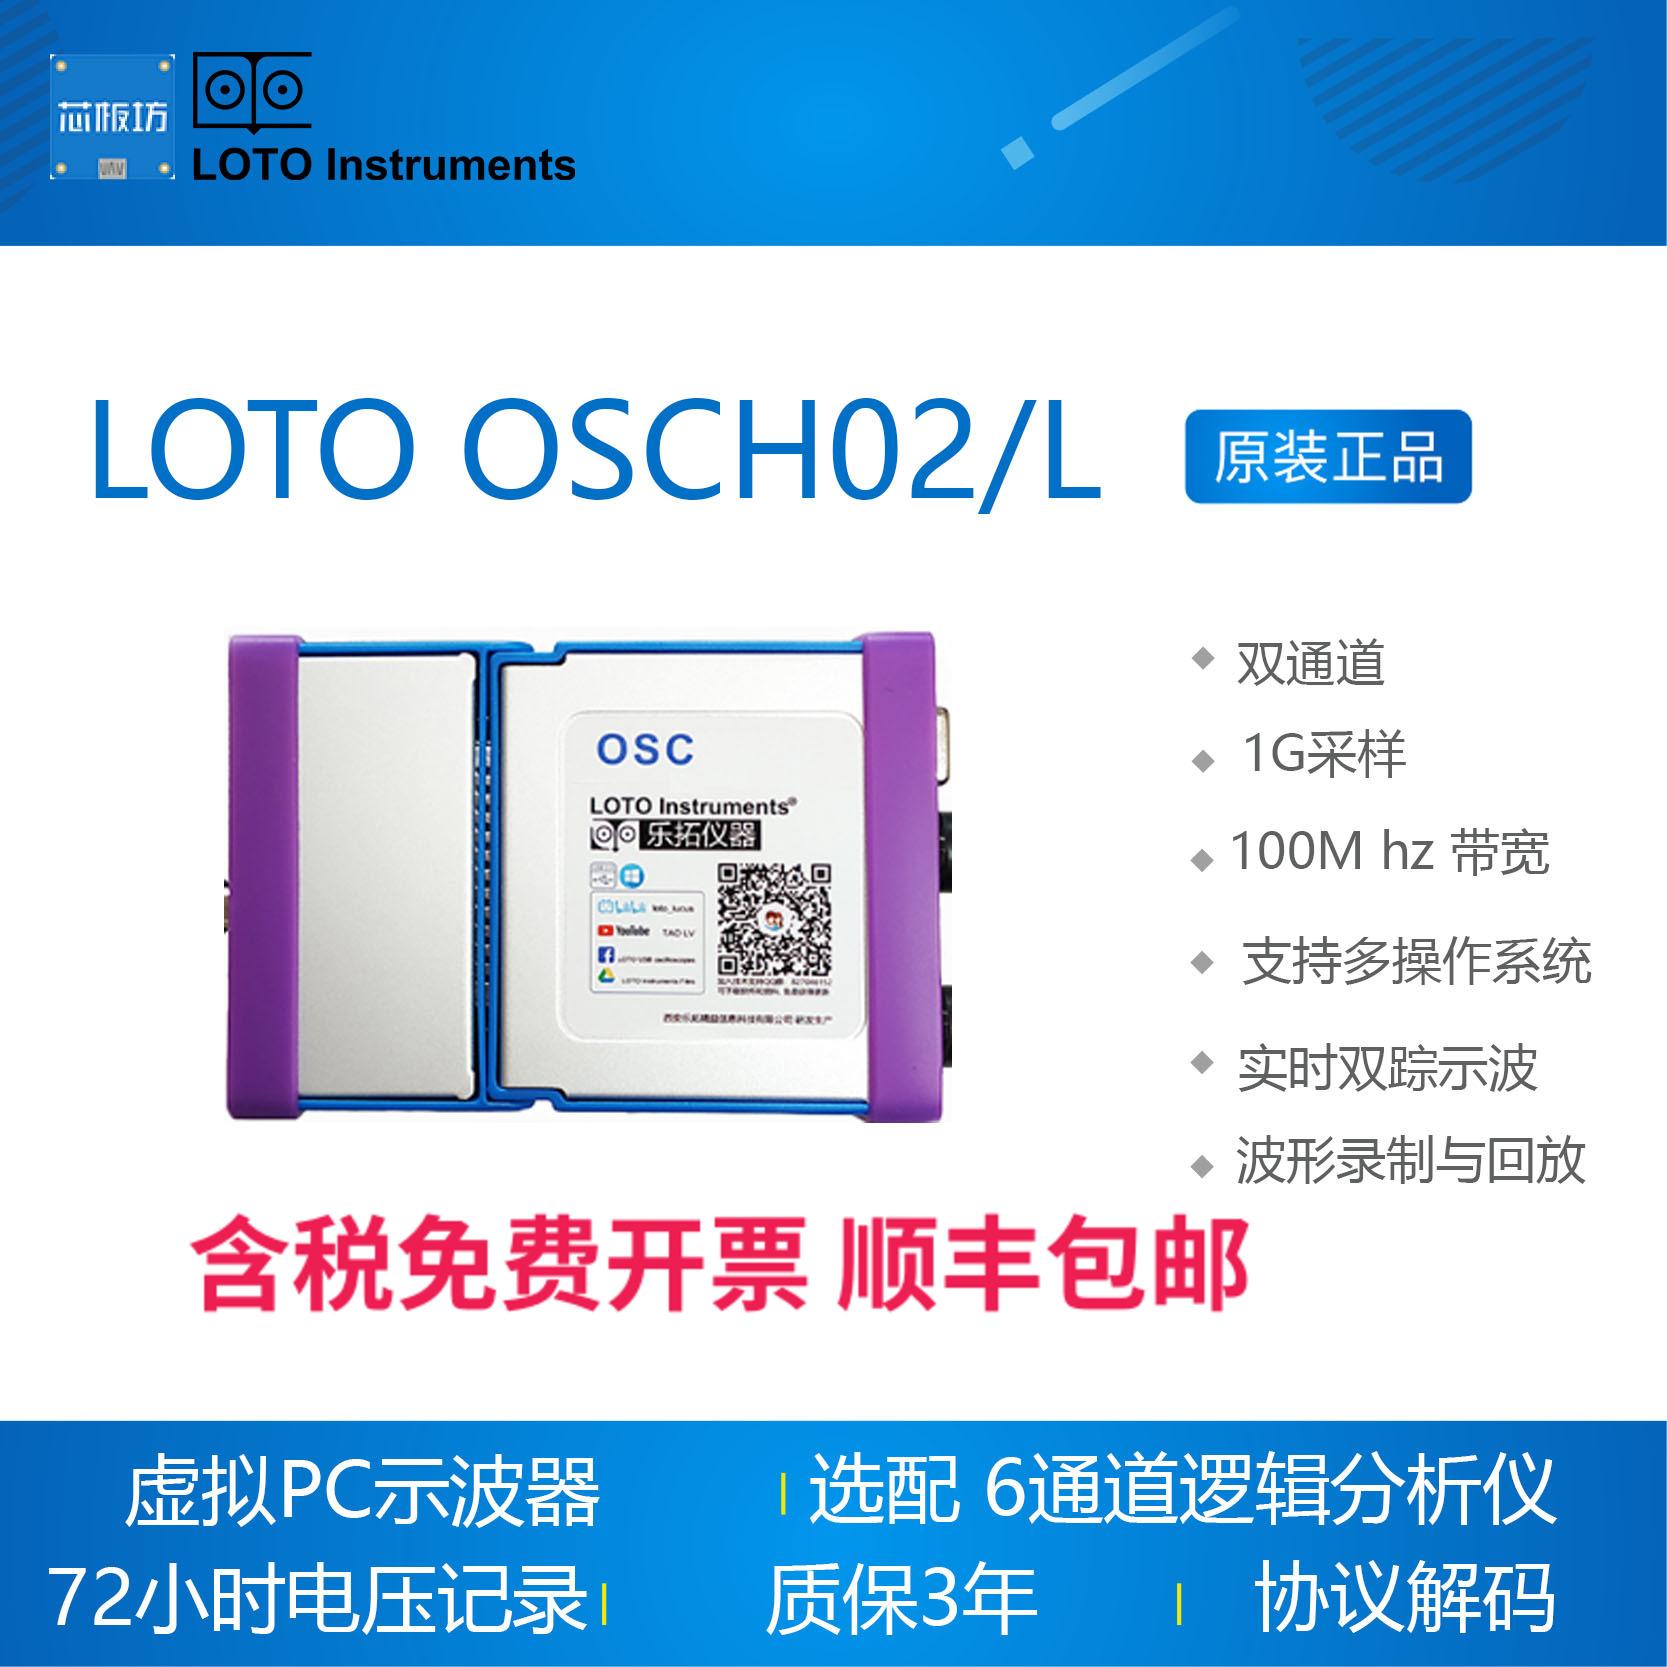 LOTO OSCH02L USB示波器 1G采样 100M带宽 选配6通道逻辑分析仪